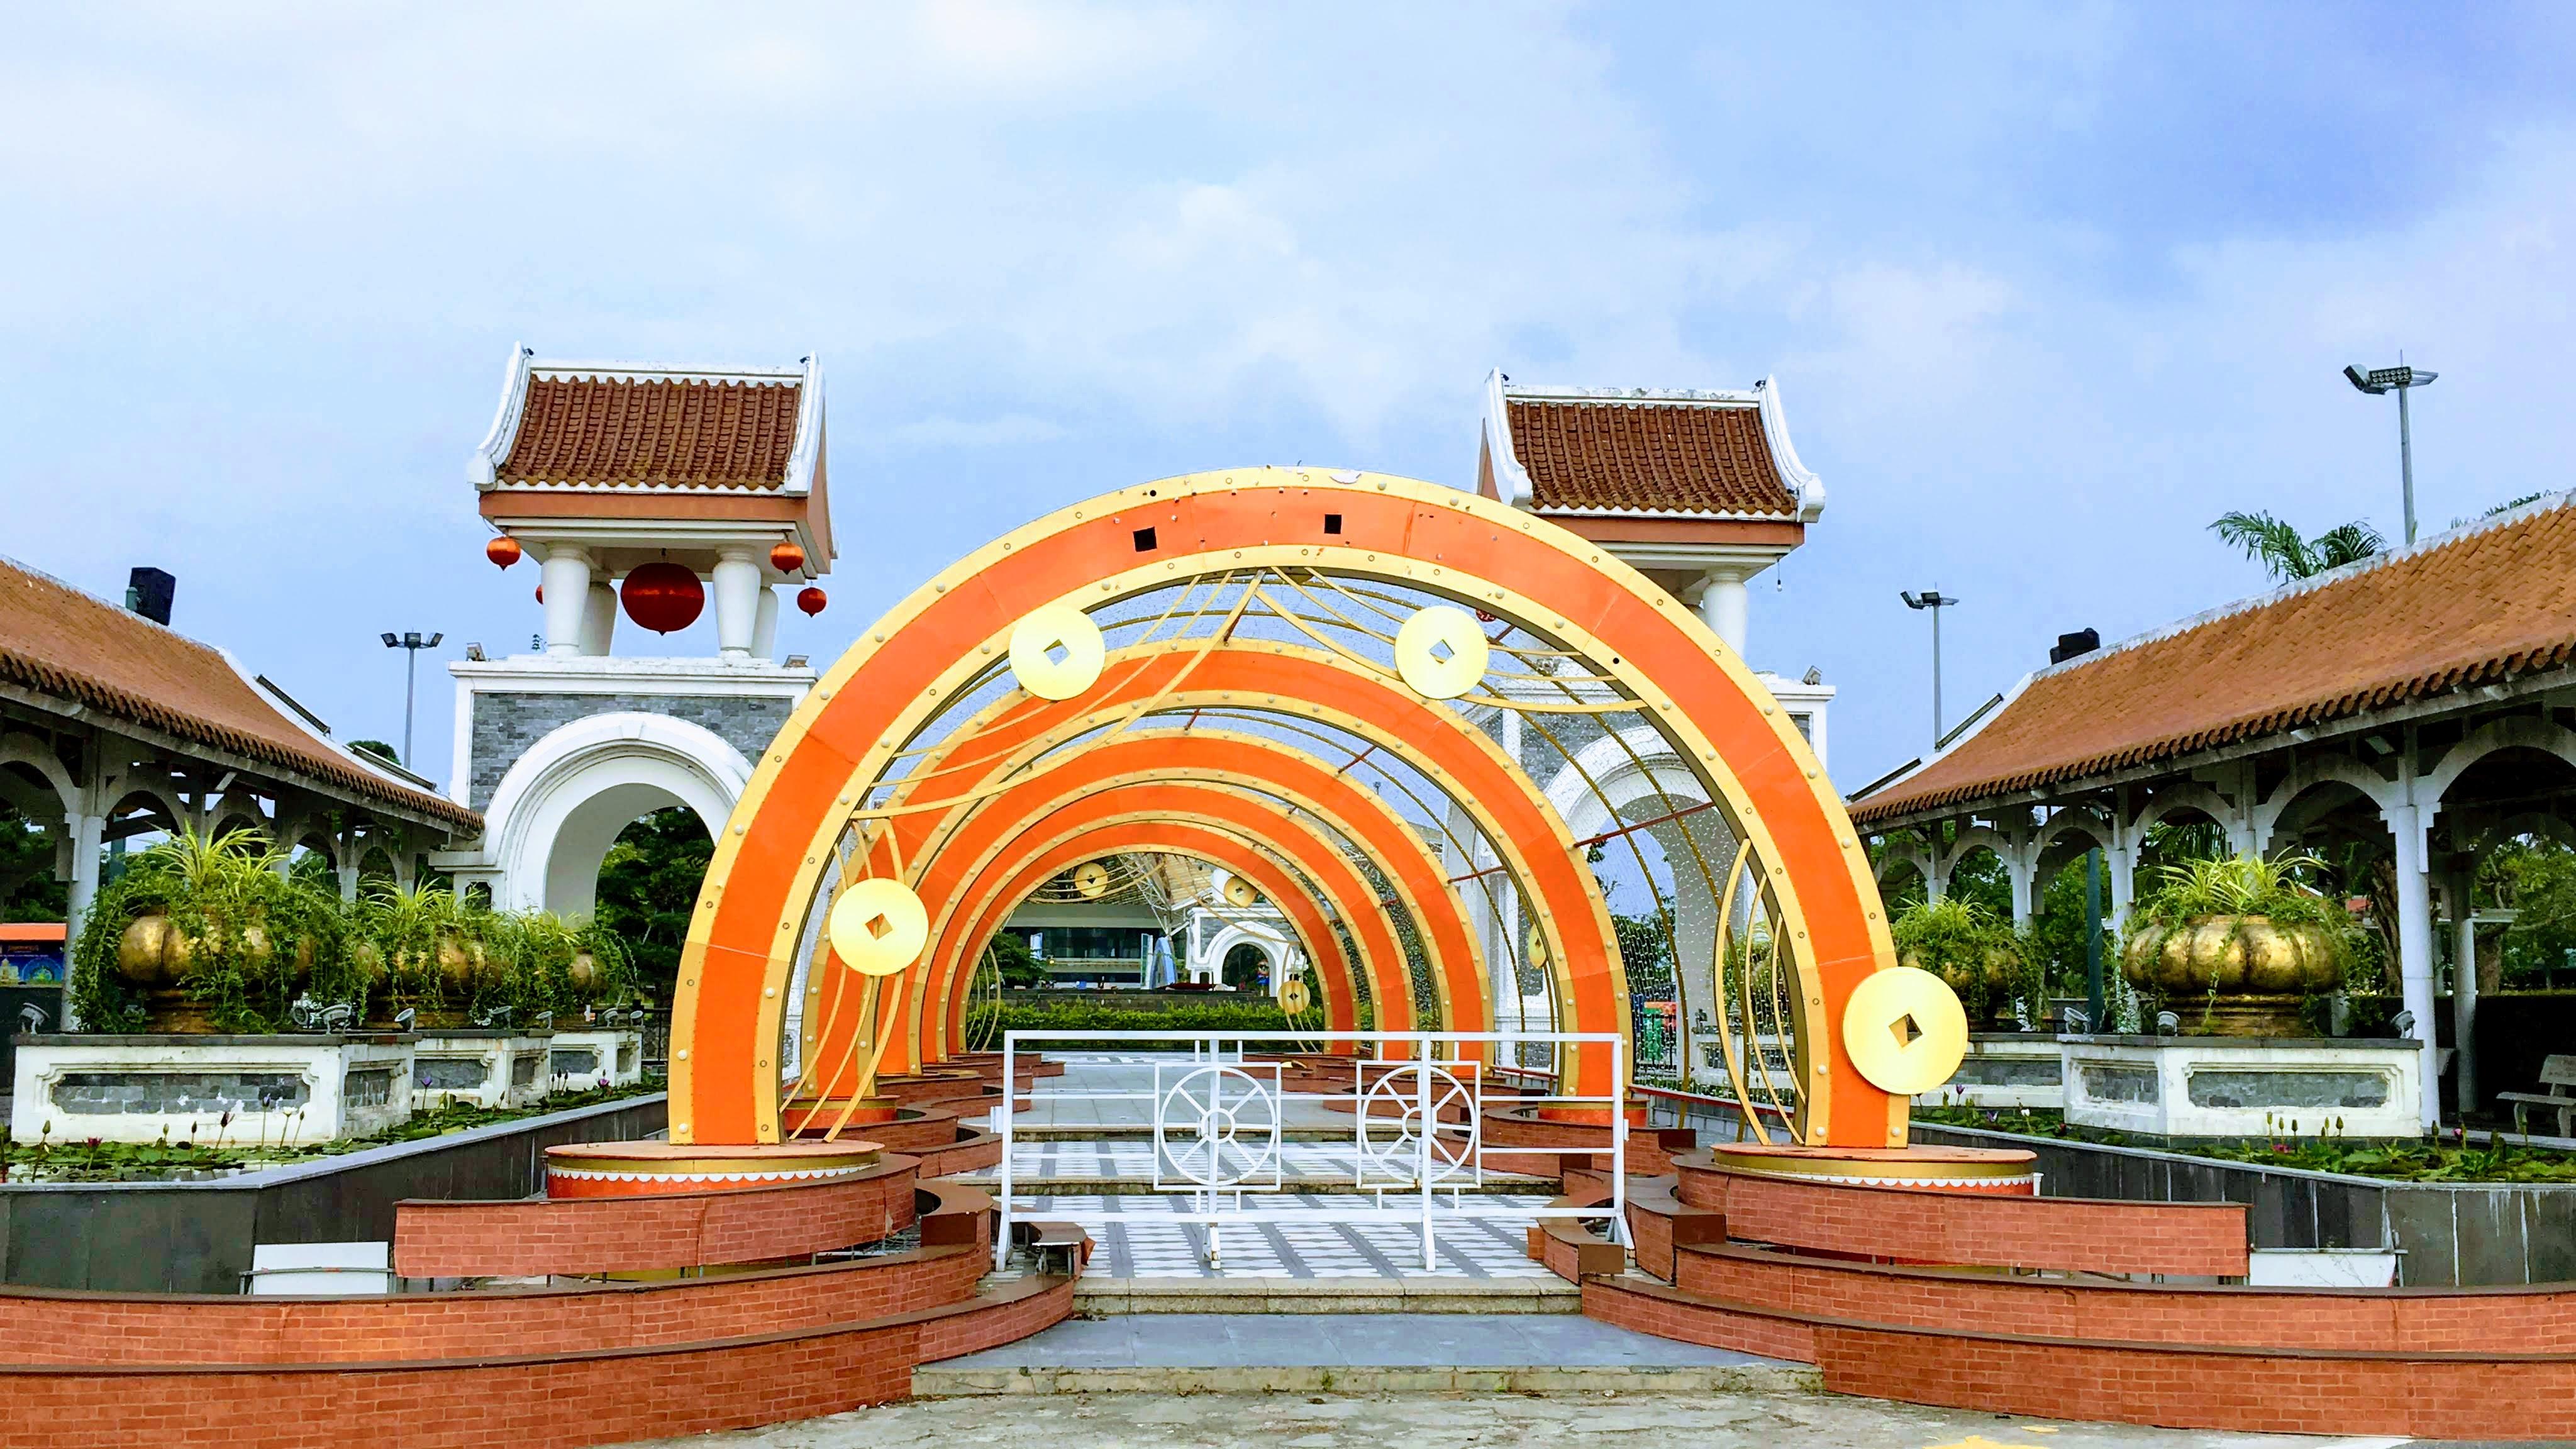 Các điểm du lịch nức tiếng Đà Nẵng trước kì nghỉ lễ 30/4 và 1/5 - Ảnh 20.